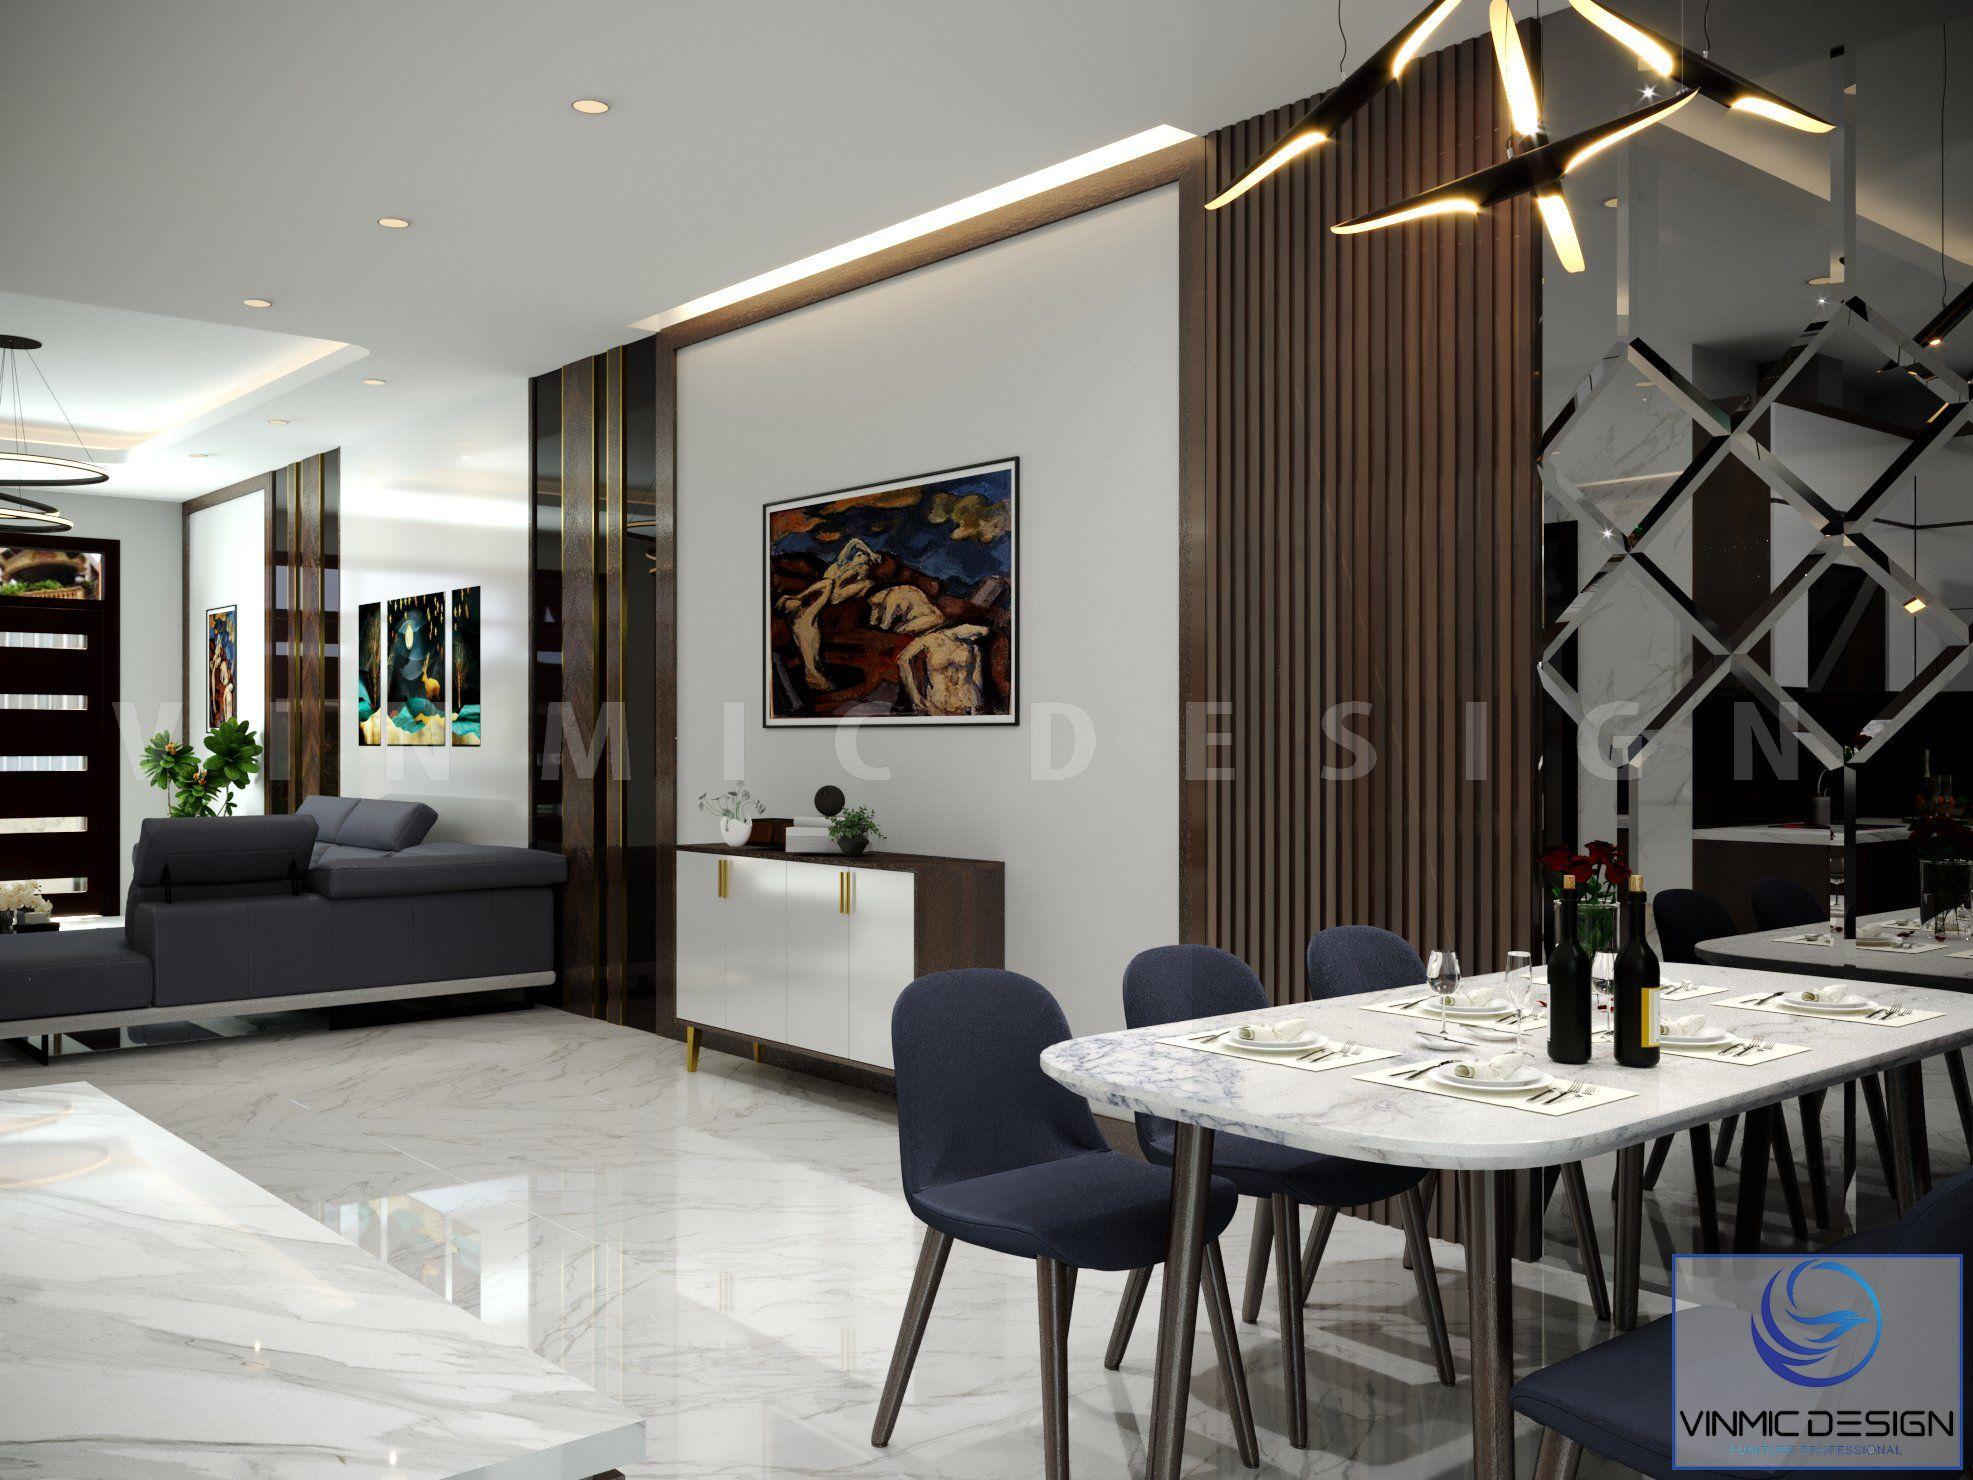 Thiết kế phòng khách và phòng bếp liên thông nhau